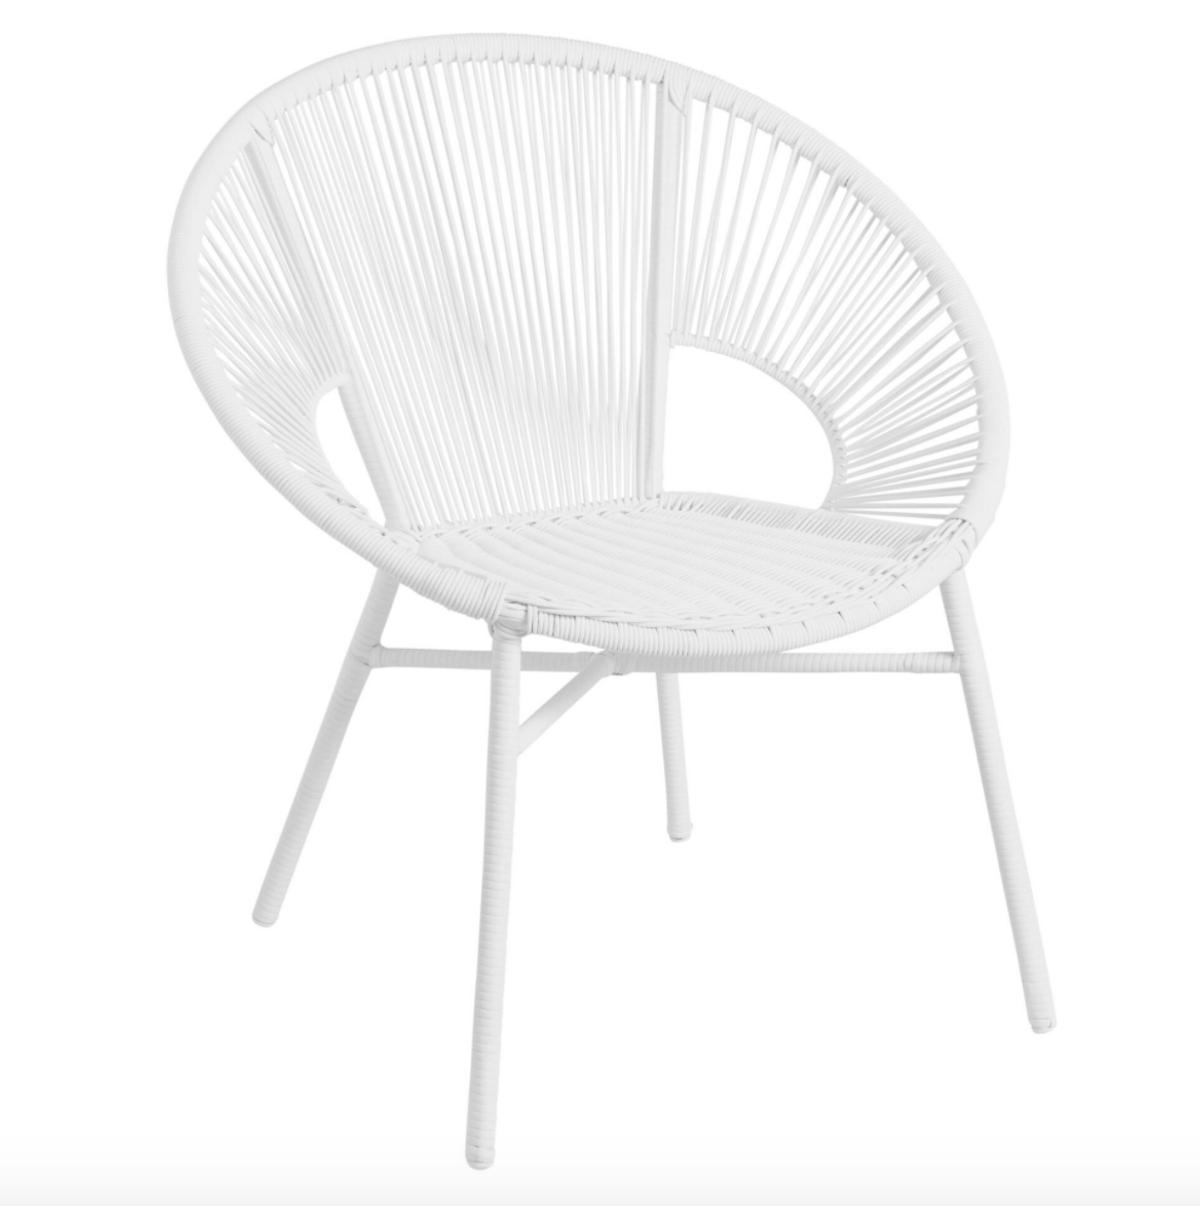 Round All Weather Wicker Camden Outdoor Chair